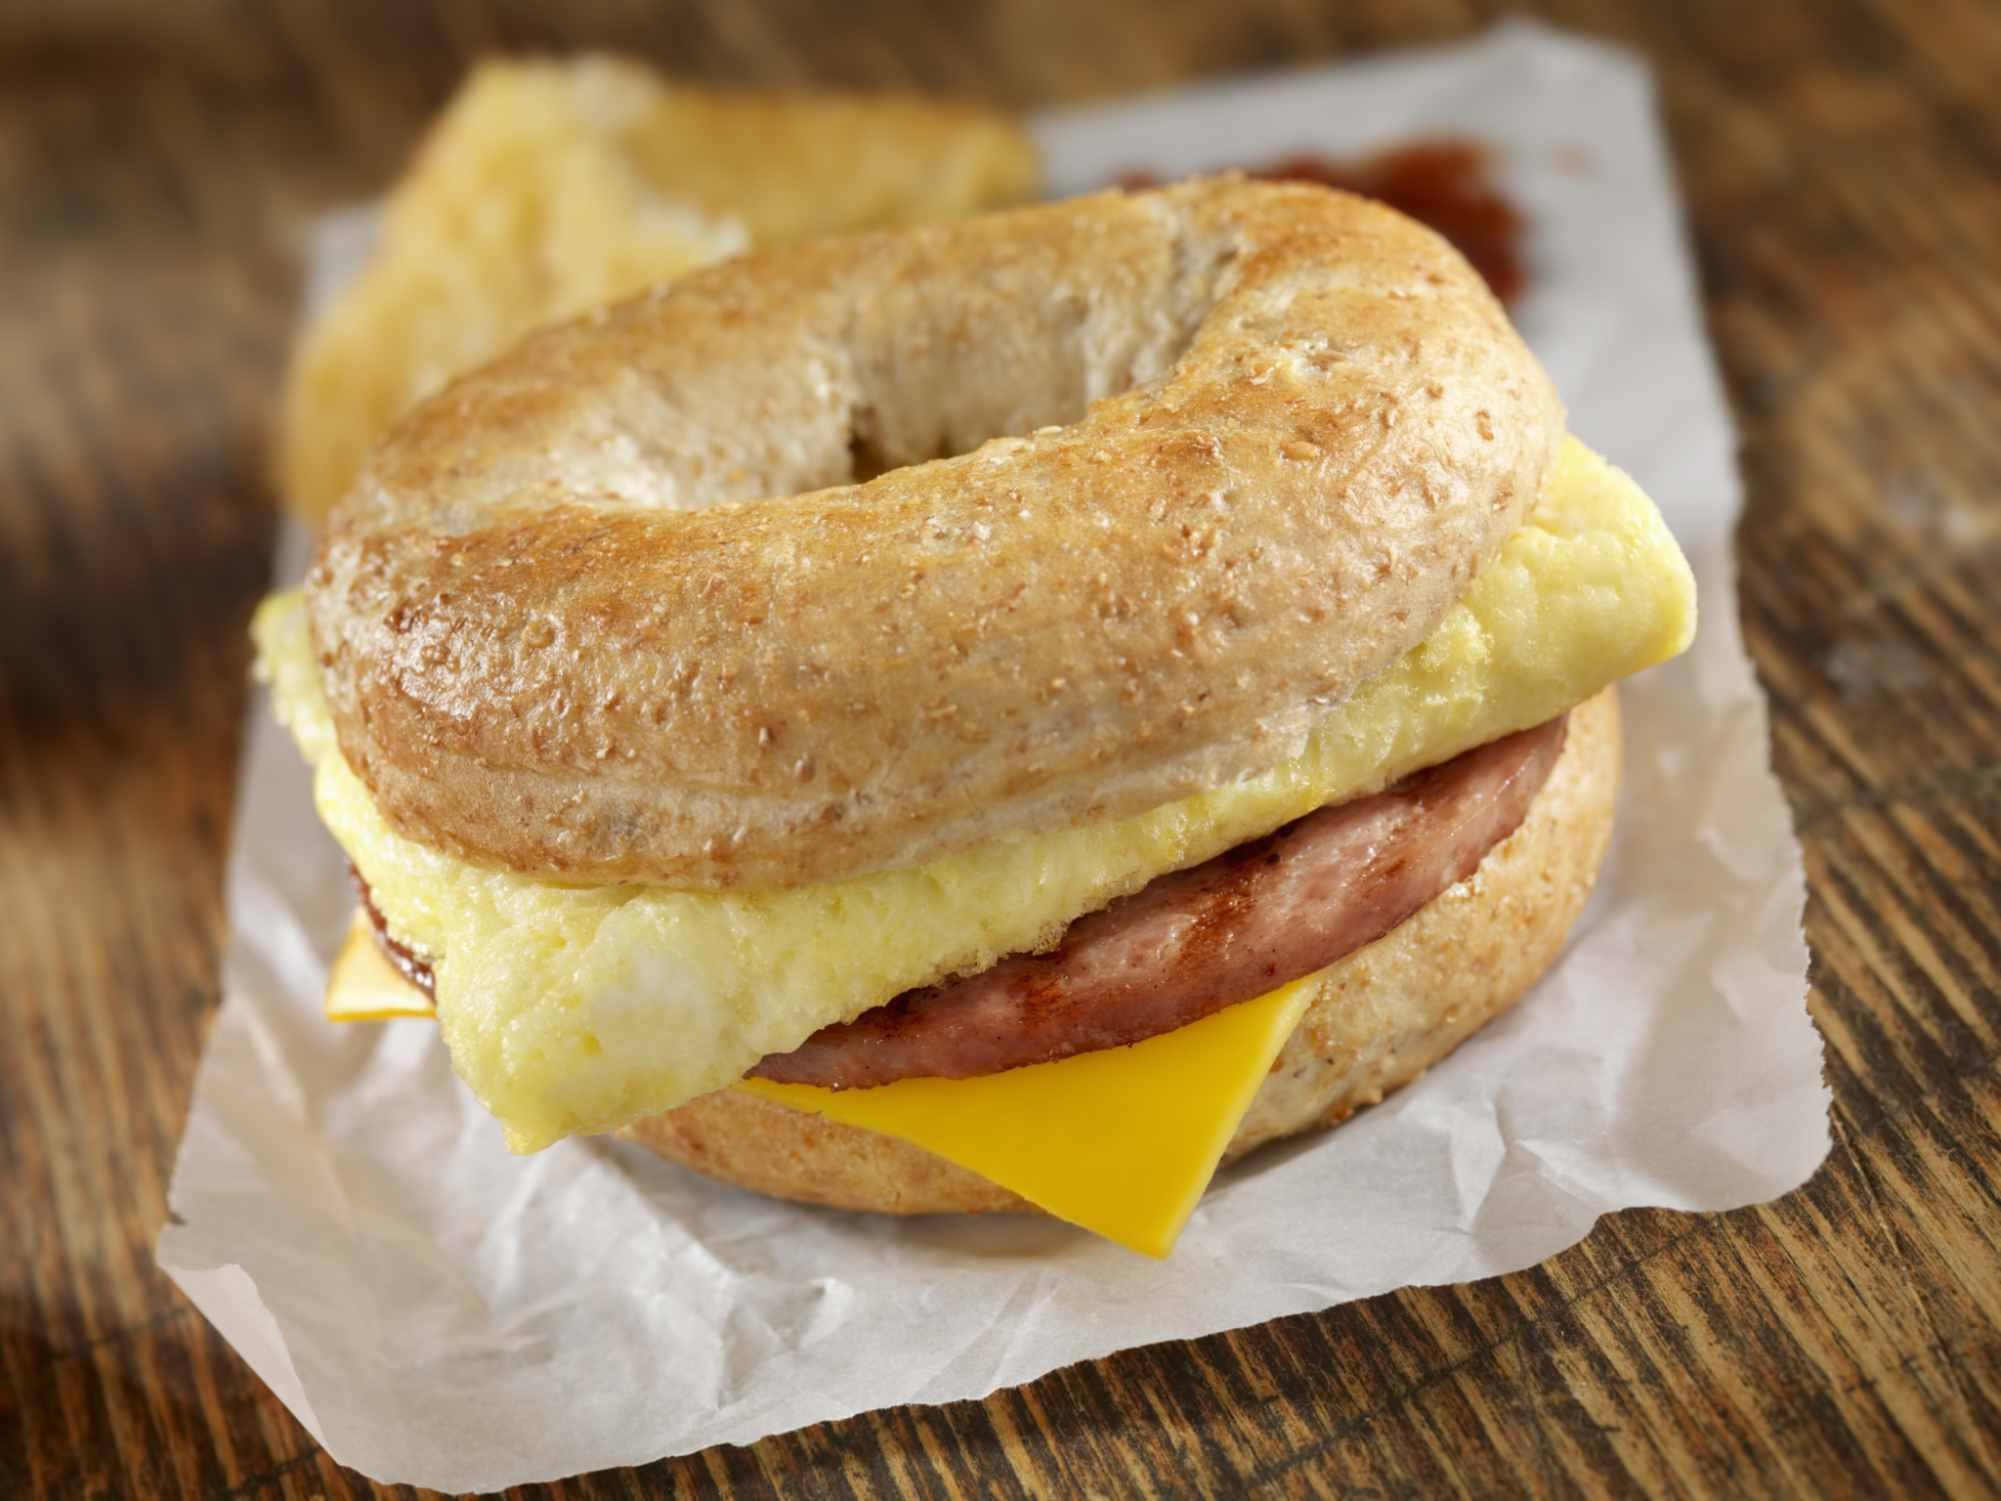 Sándwiches de desayuno